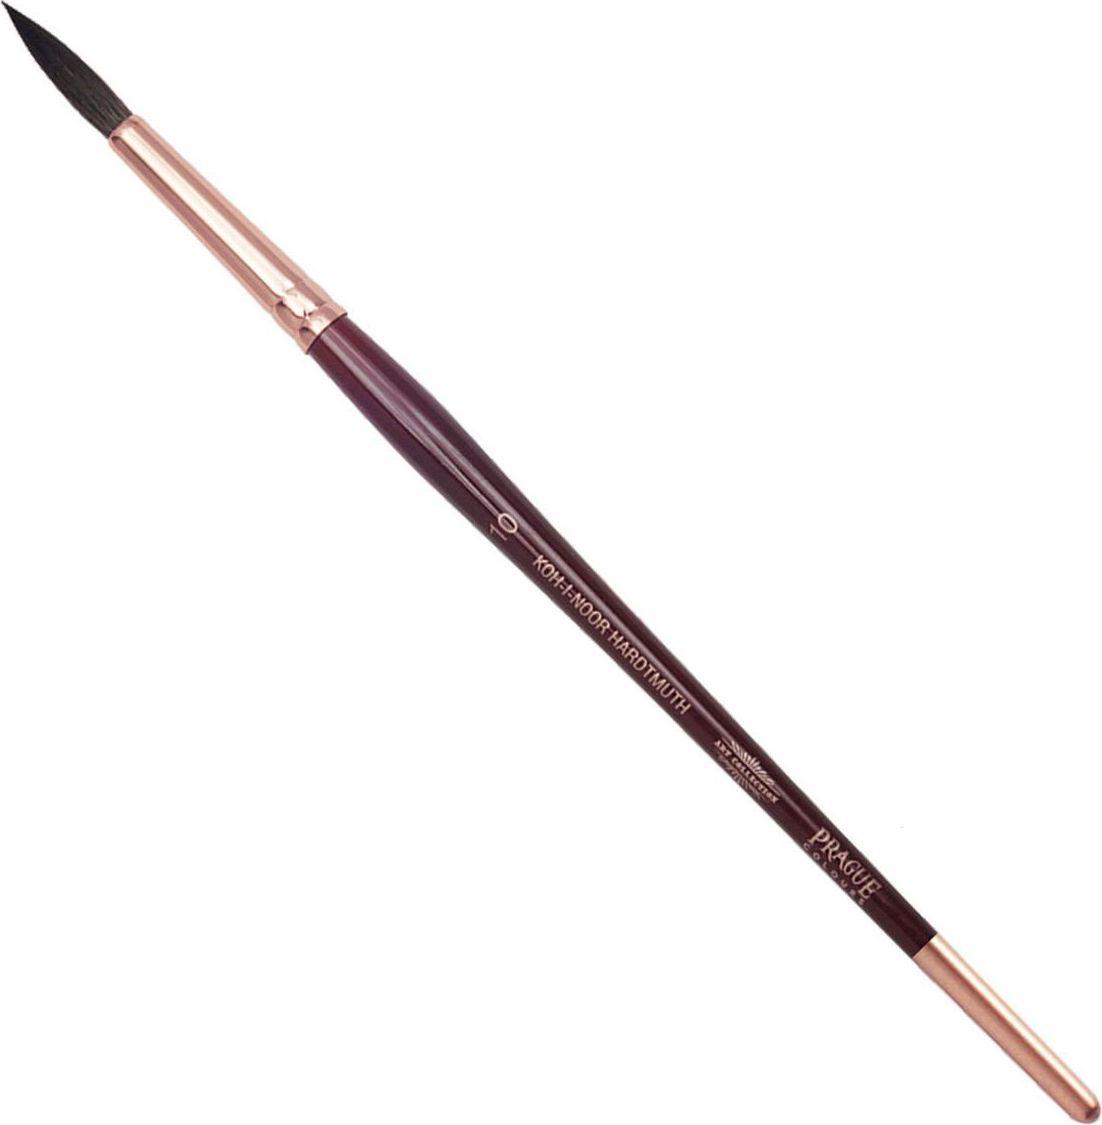 Koh-I-Noor Кисть белка круглая №10 короткая ручка 200401 кисть белка живописная круглая из натурального волоса белки 6 блистер ab006so